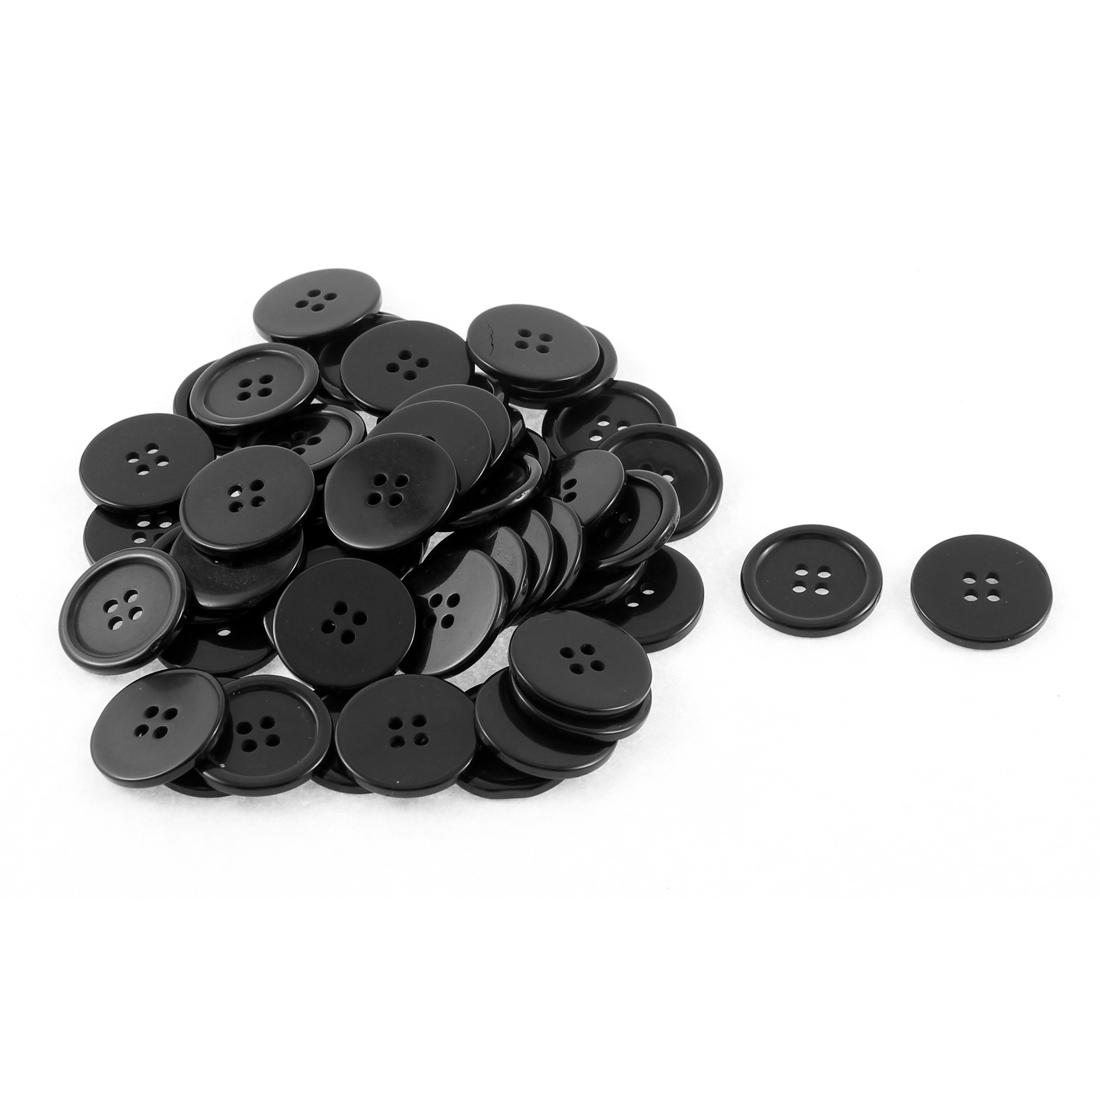 Plastic Round Shape Clothes Sewing Button 23mm Dia Black 50Pcs